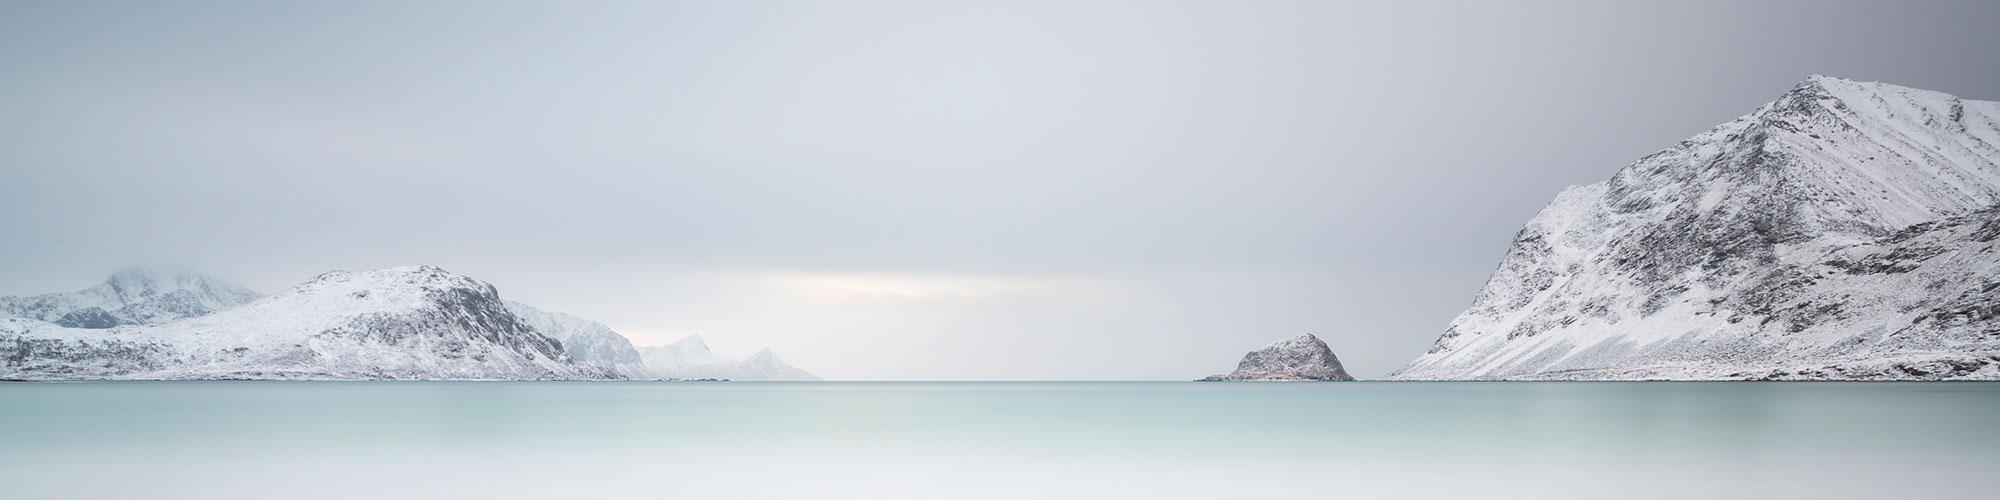 Lofoten Fine Art - ©Wilco Dragt - Noorwegen